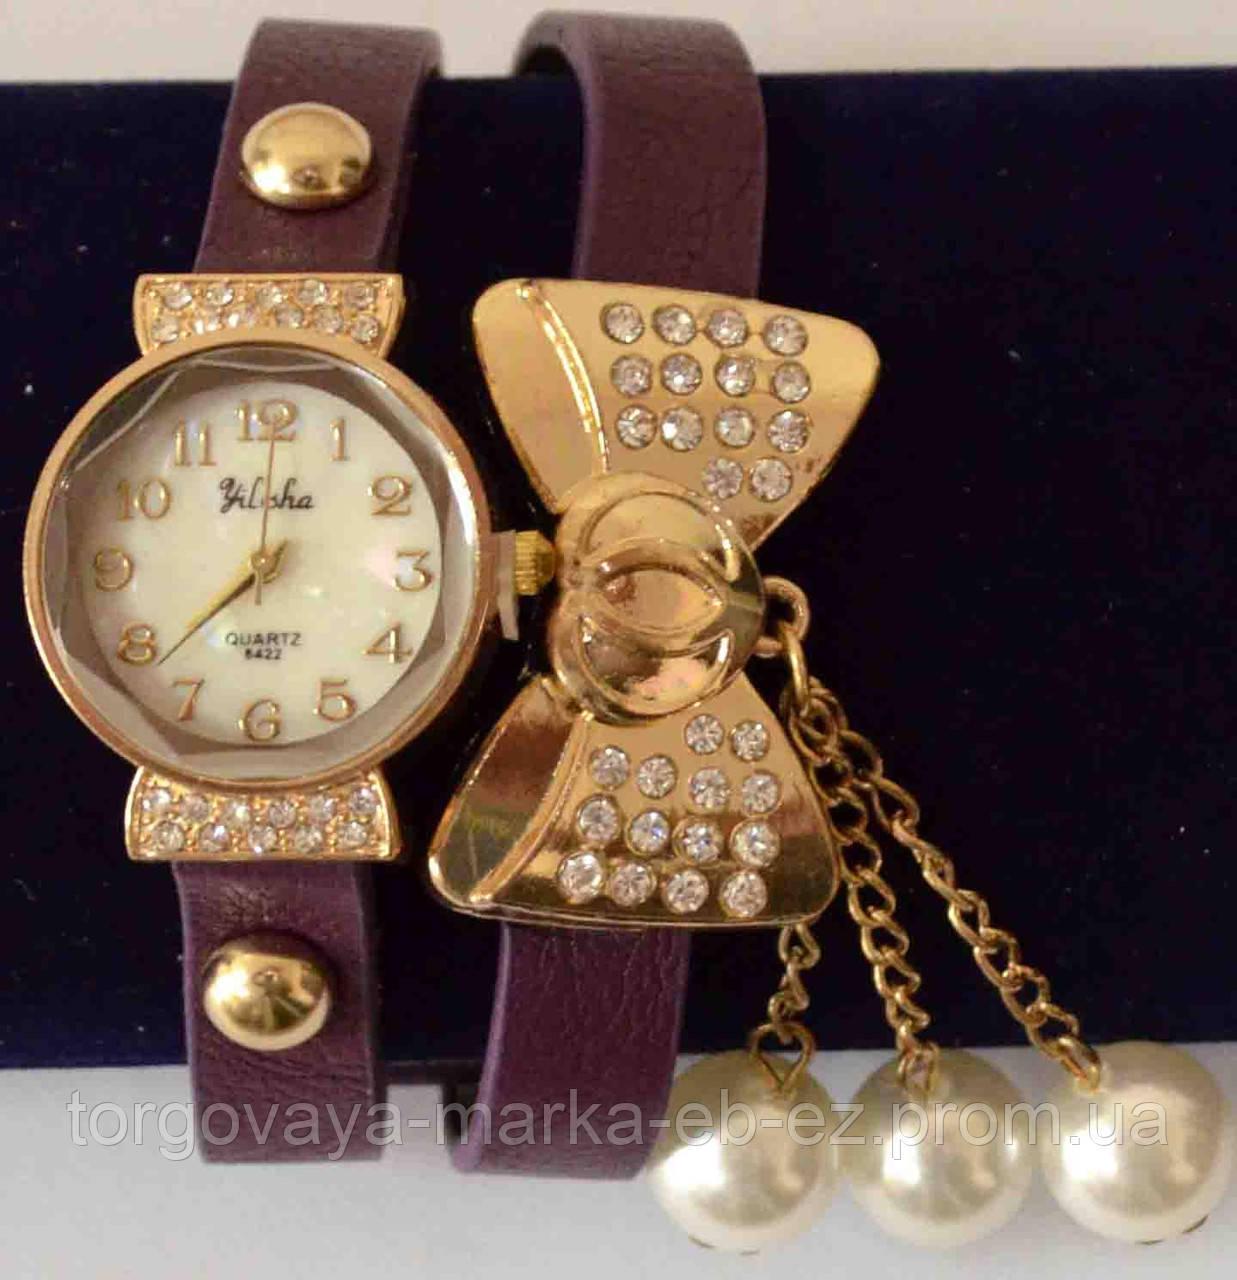 4af9c2cb90b8 Женские наручные золотые часы-браслет на кожаном шнуре с золотым бантом и  стразами